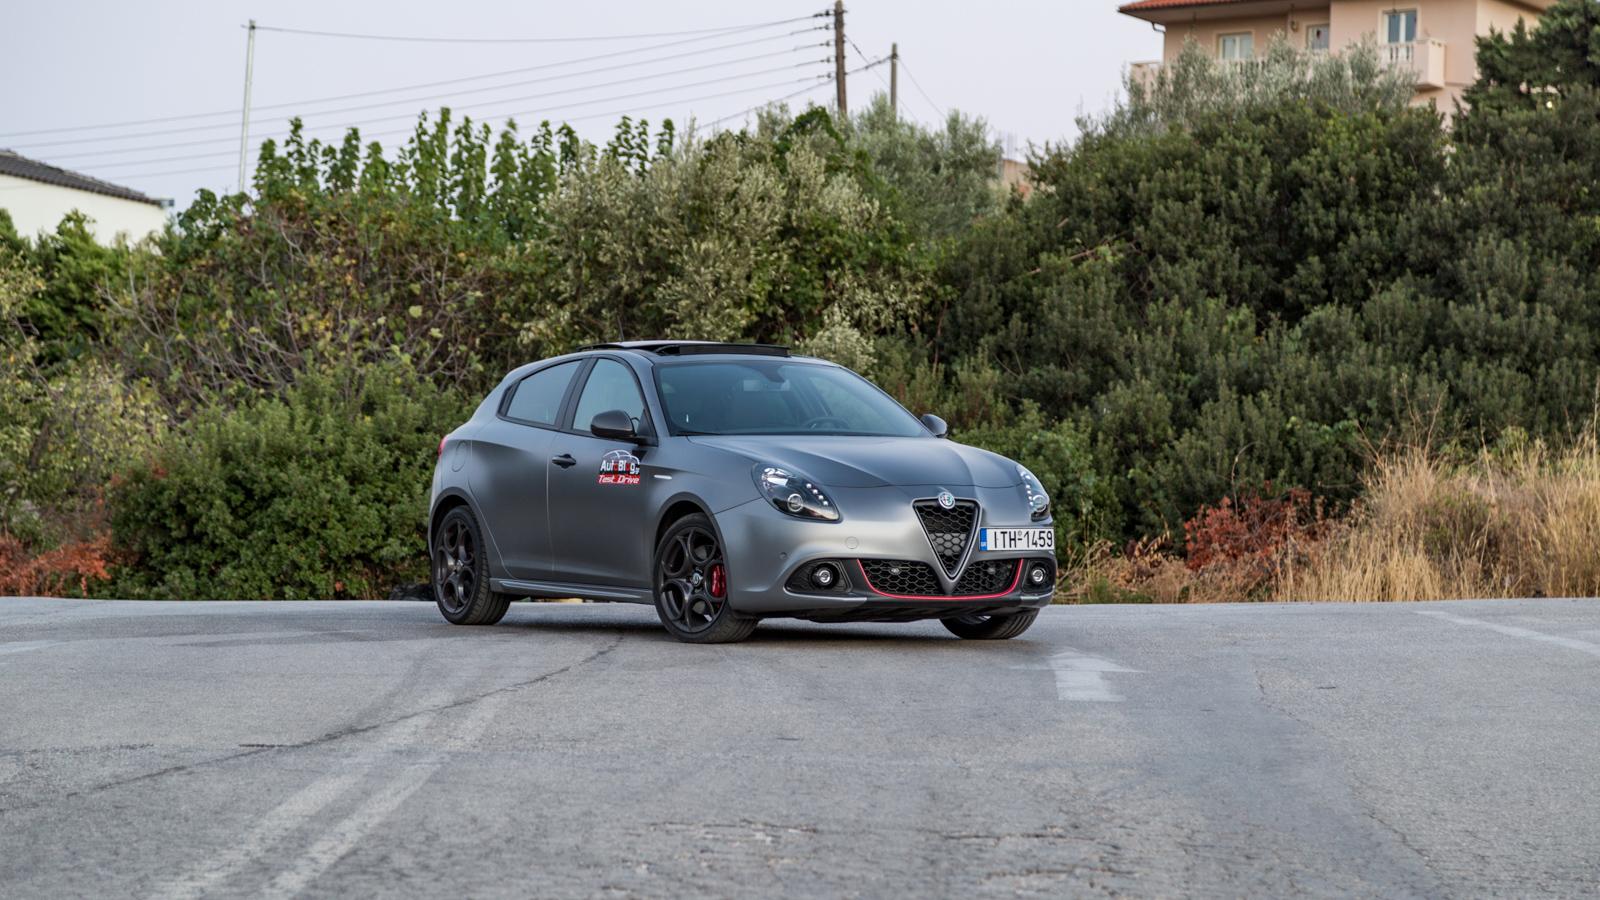 Test_Drive_Alfa_Romeo_Giulietta_TCT_1.6_JTDM-2_23